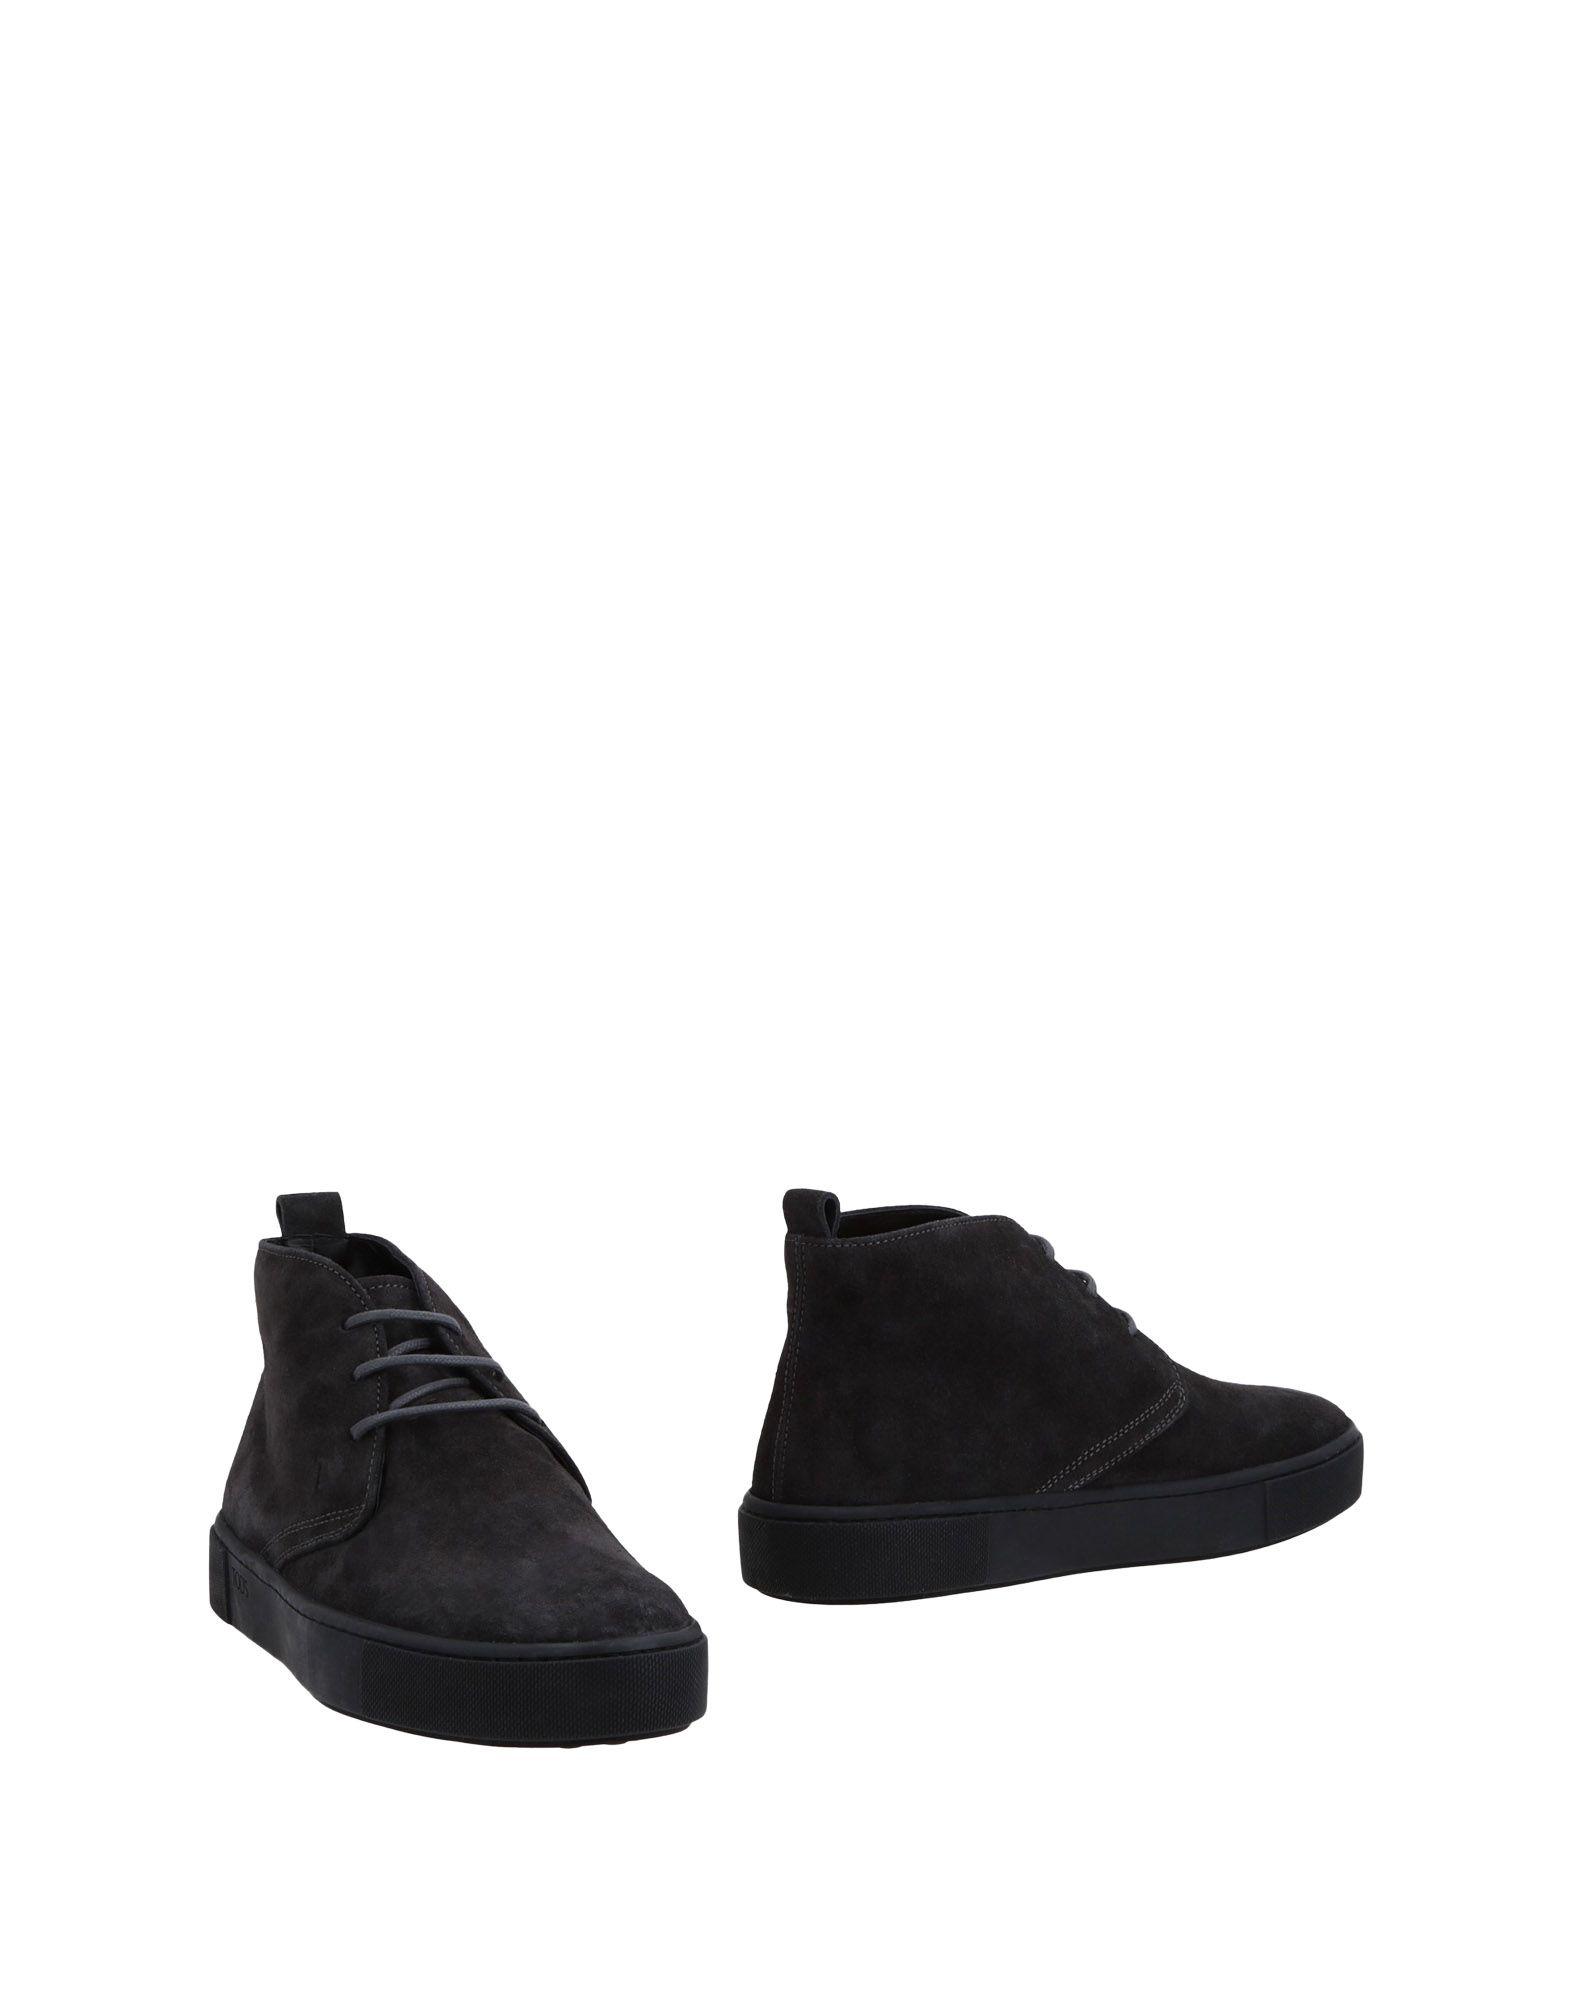 Tod's Stiefelette Herren  11484744BB Gute Qualität beliebte Schuhe